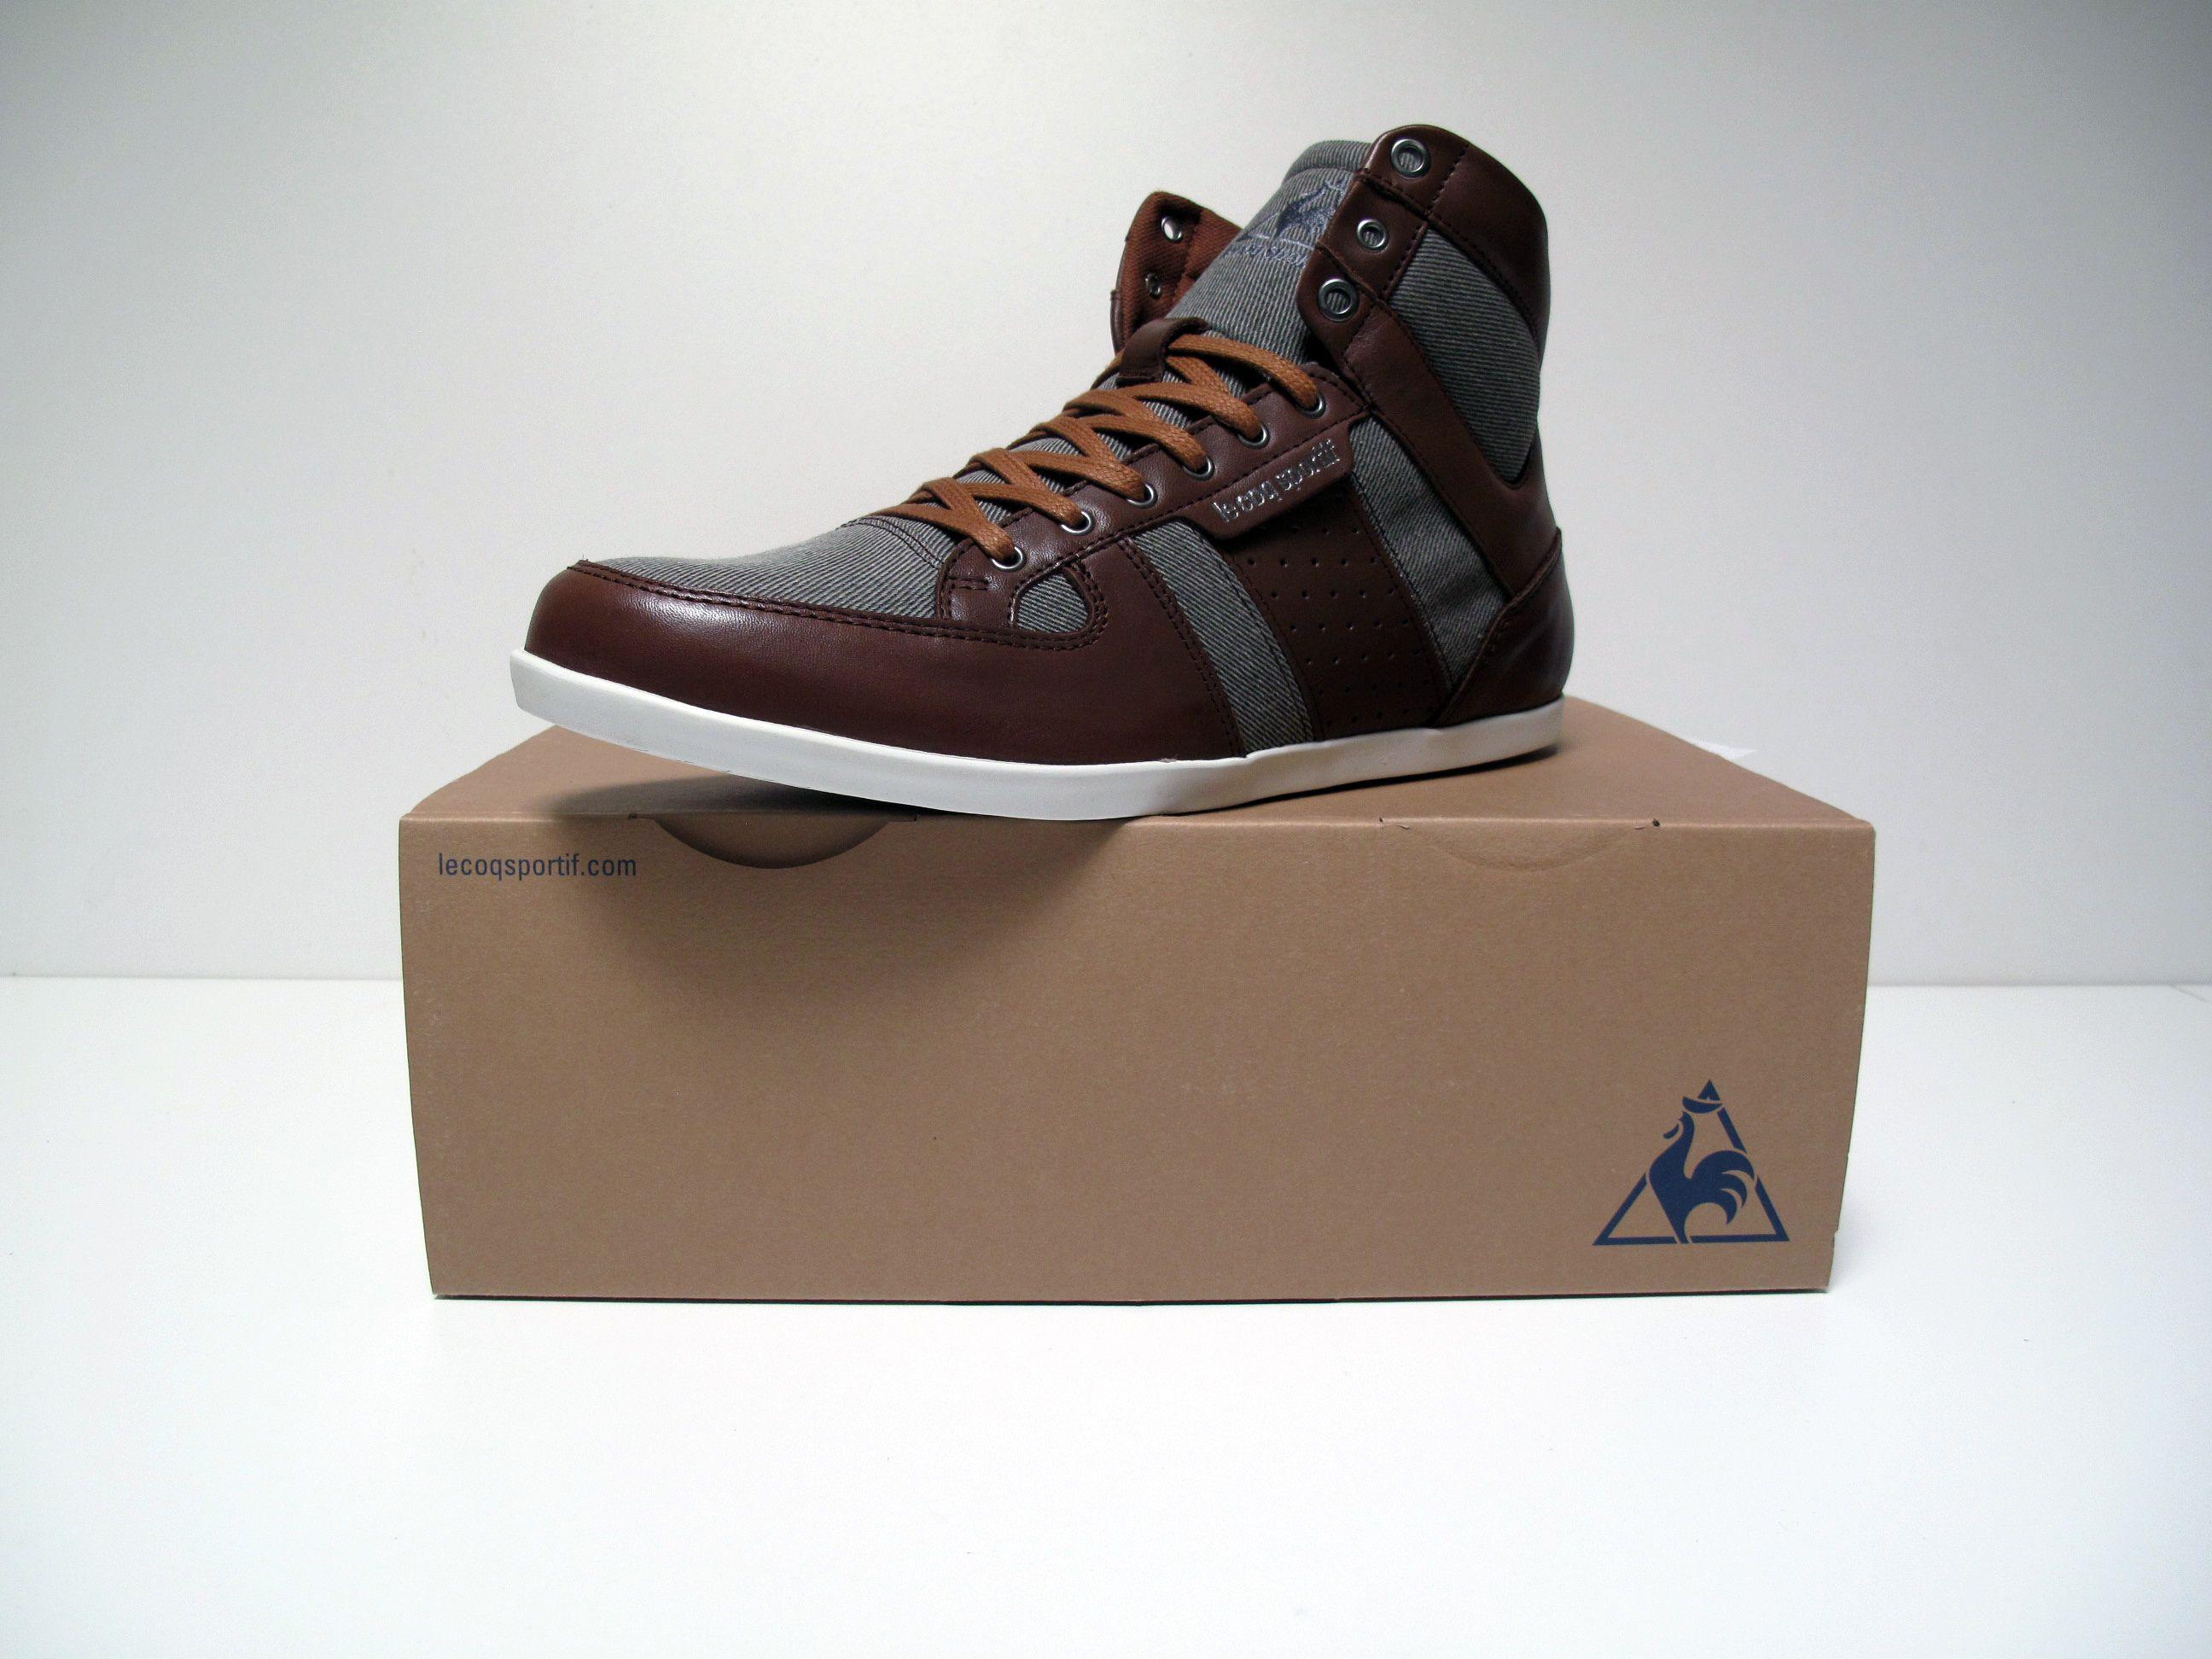 Le Coq Sportif Bizot Hi Twill Lea pour homme est maintenant disponible sur code-shoes-store.com #LeCoqSportif #Sneakers #Shoes #chaussures #Homme